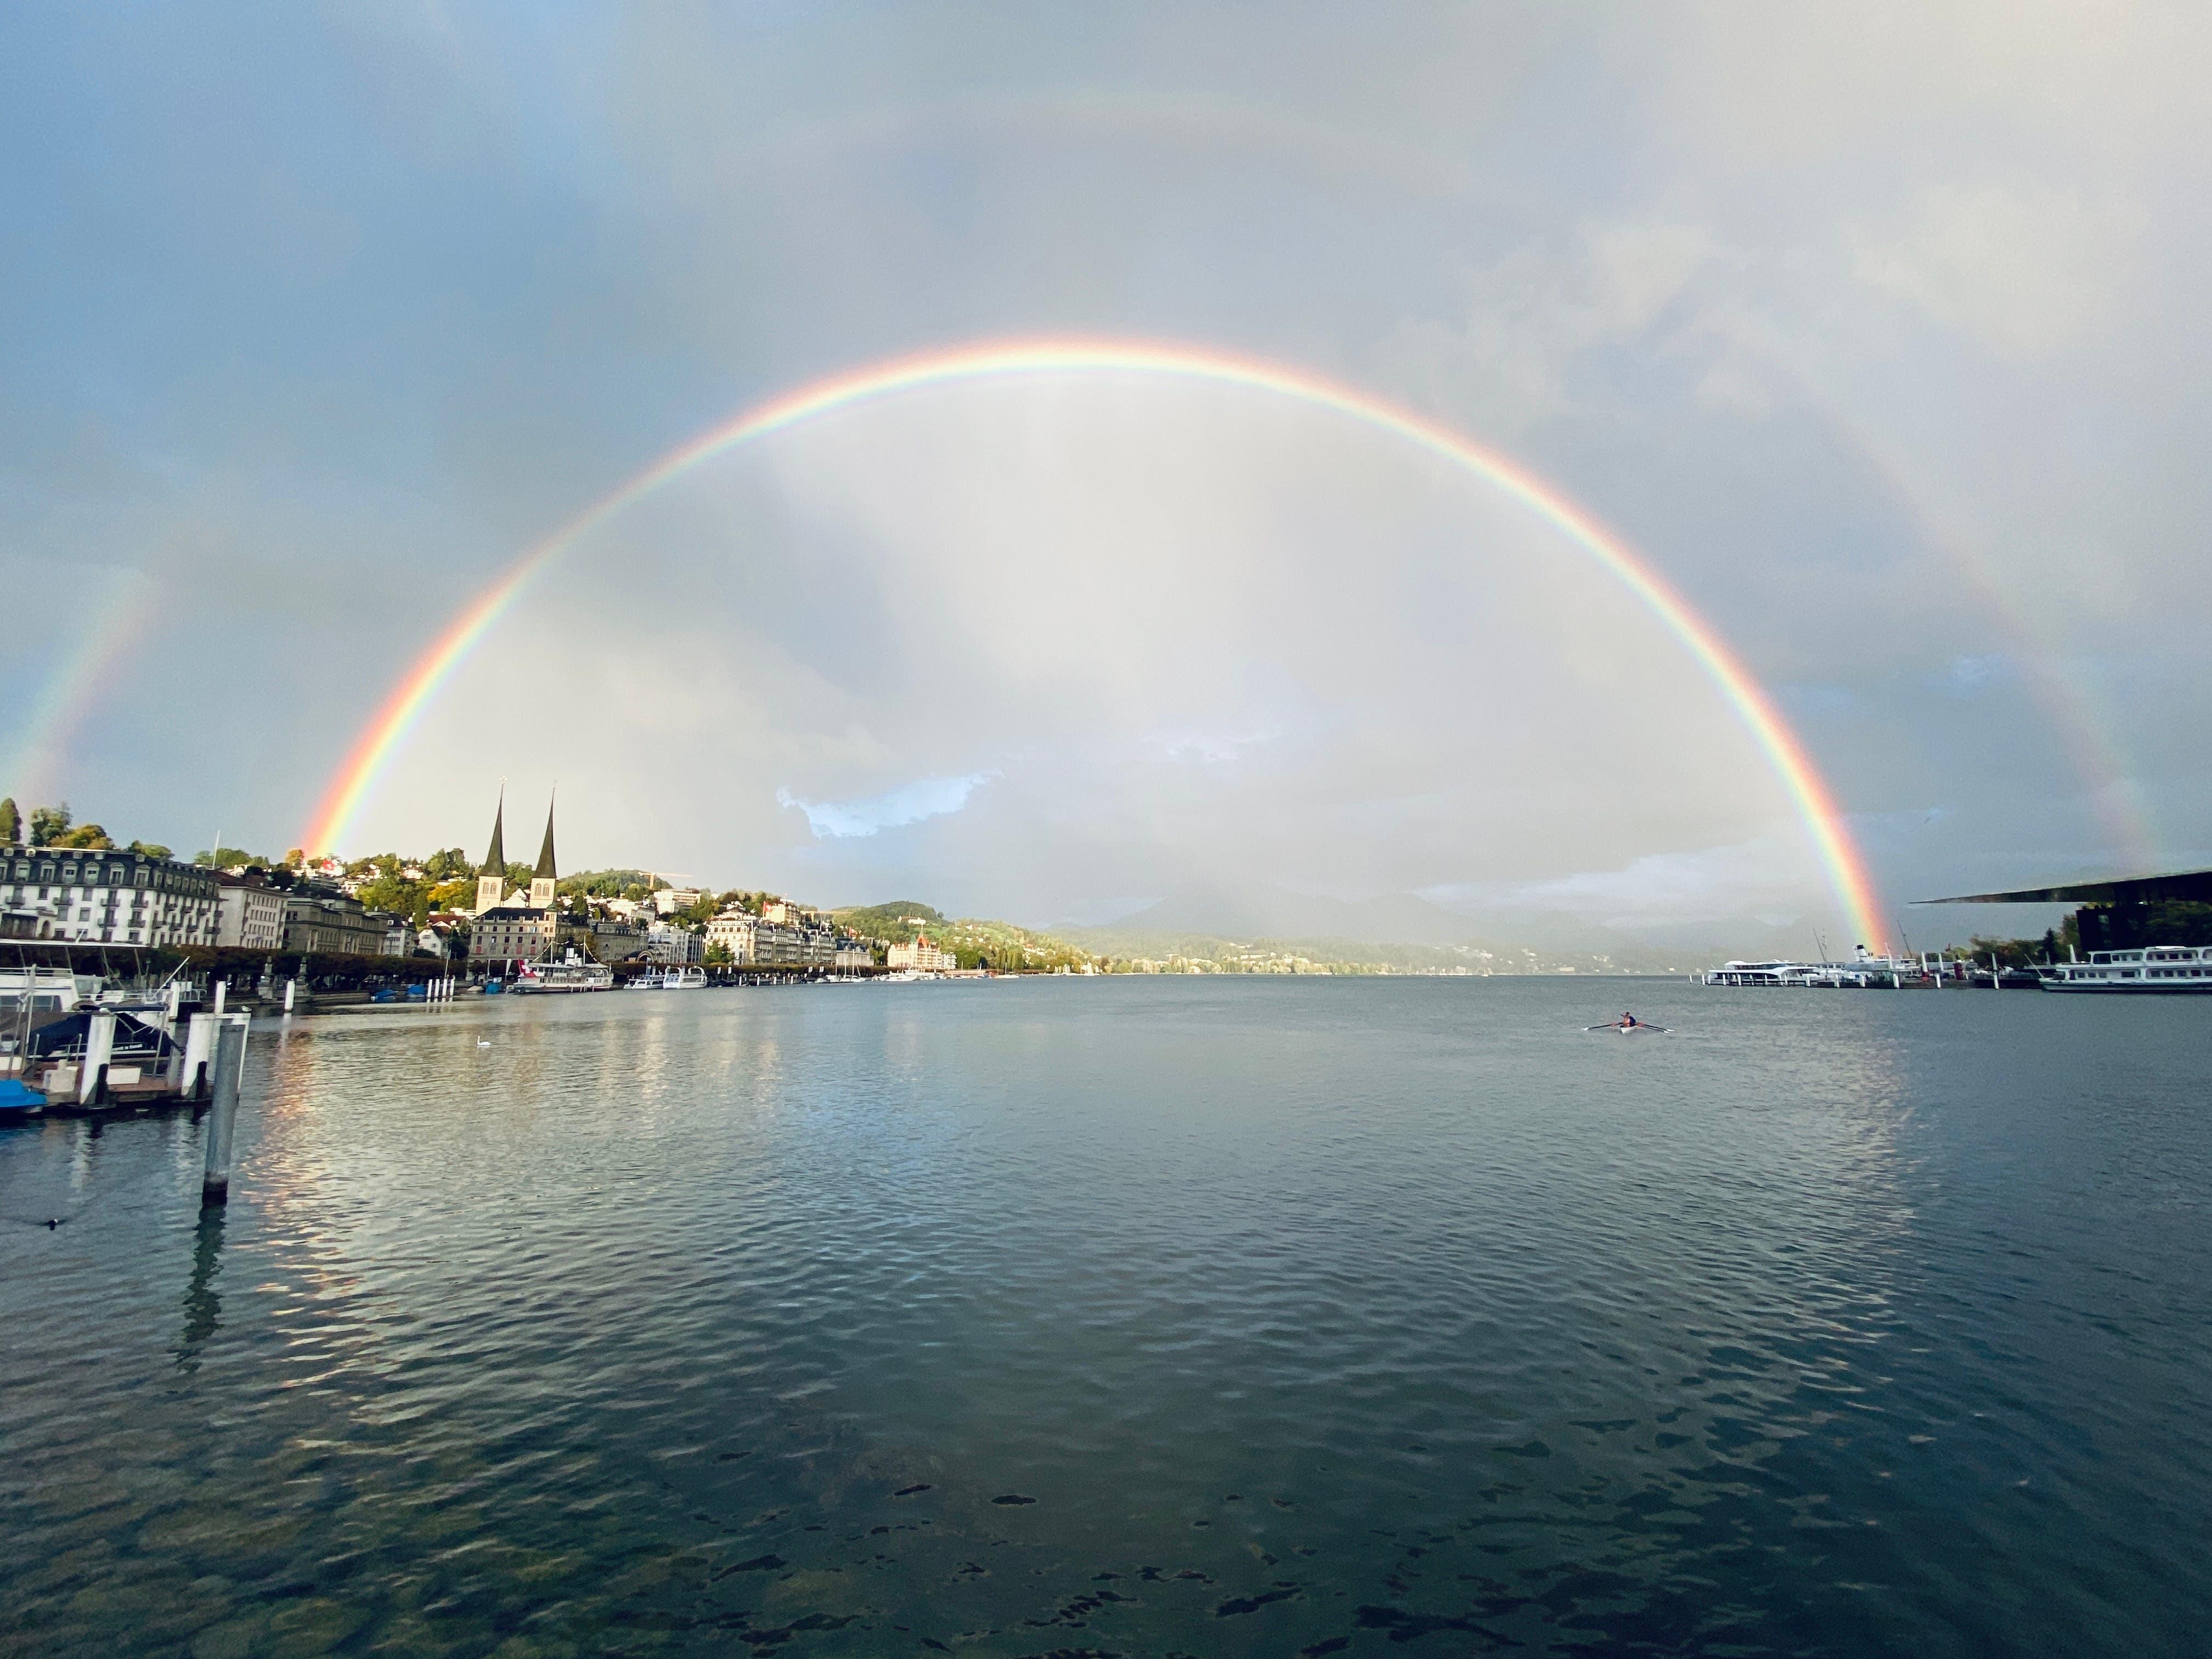 Fetter Regenbogen über dem Luzerner Seebecken, schreibt Leserin Michèle Rüedi.